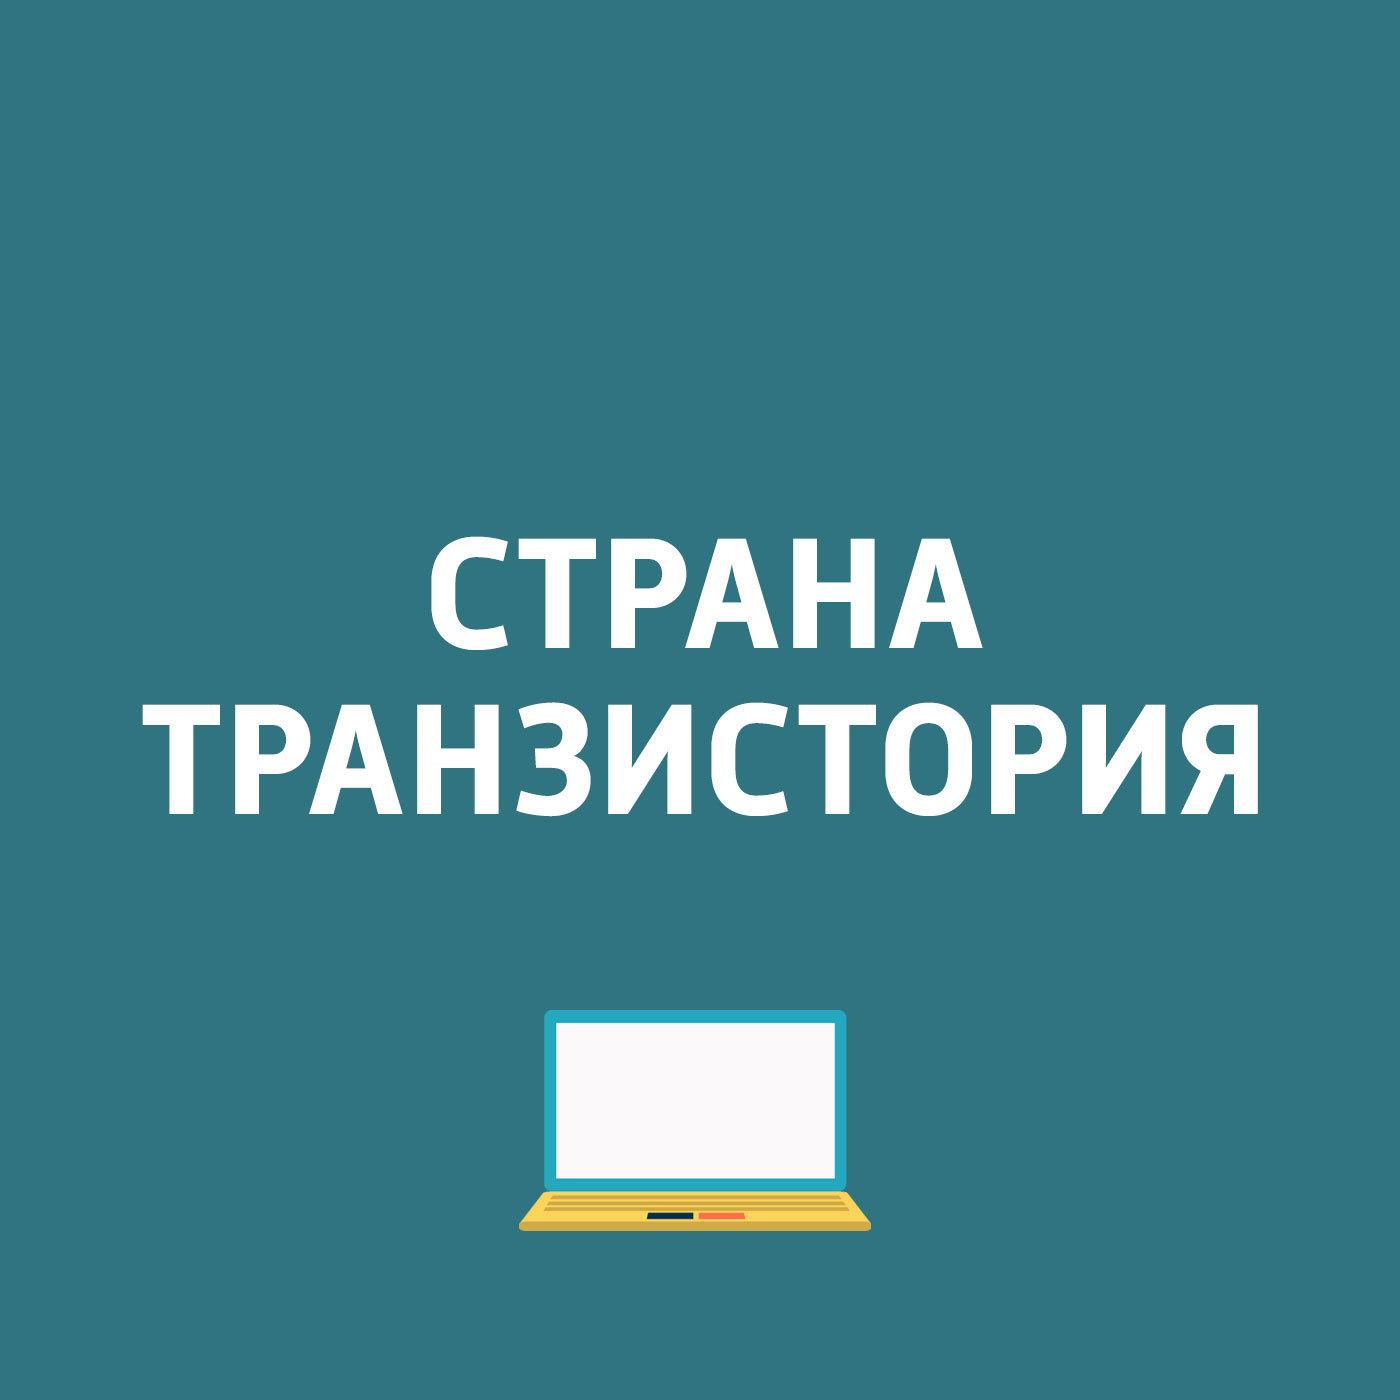 Картаев Павел Продажи ПК в России падают. Впереди - цифра. Как iPhone превратить «в кирпич»...